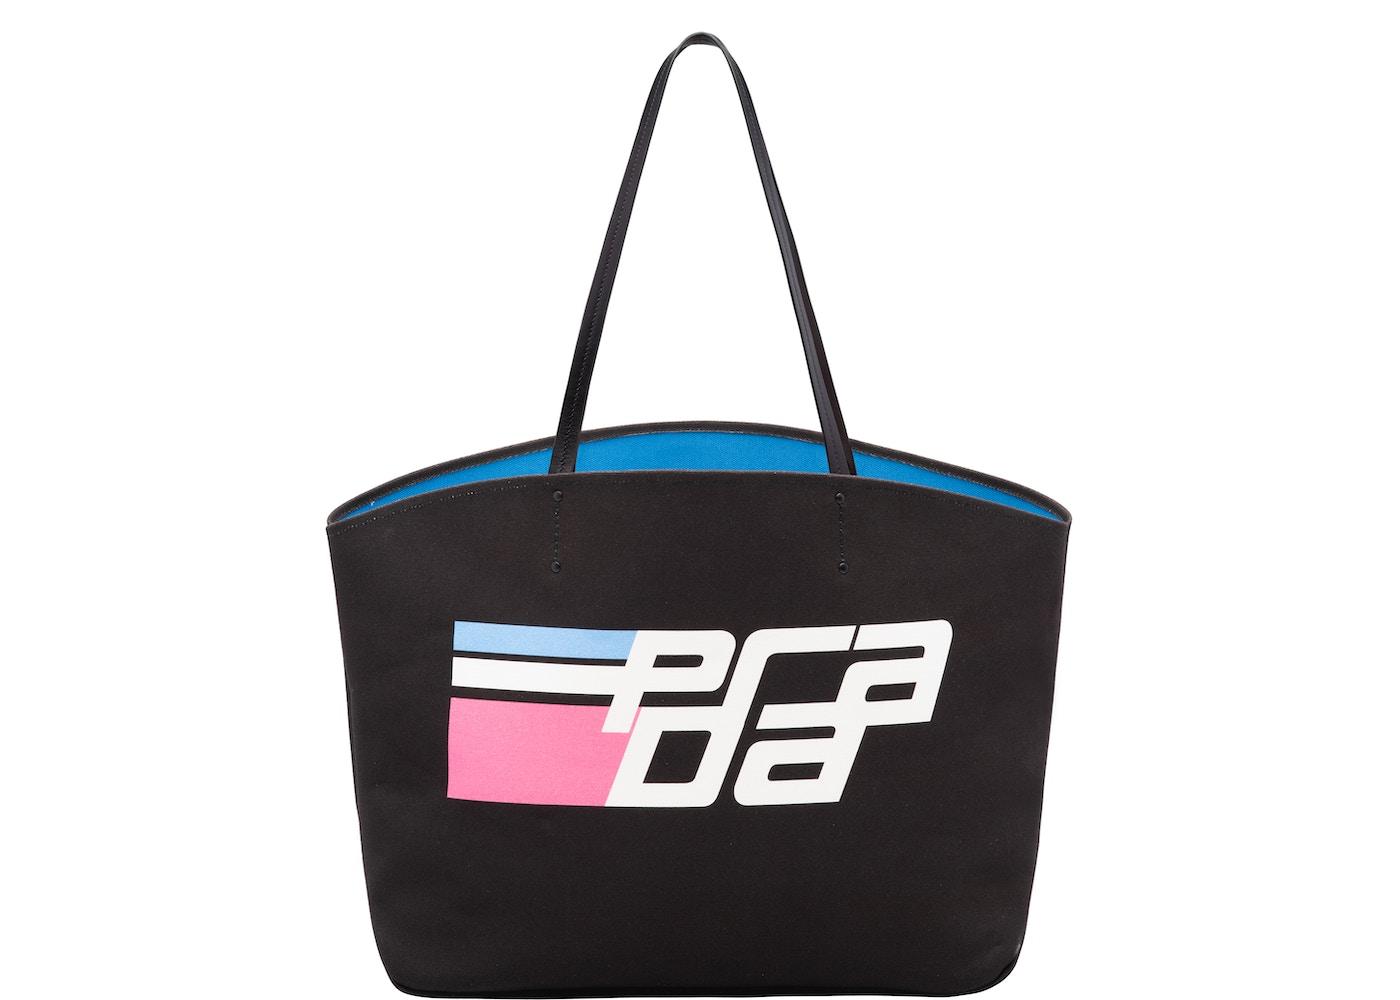 4e97609f5f Prada Tote Logo Canvas Printed Pouch Large Black/Multicolor. Printed Pouch Large  Black/Multicolor